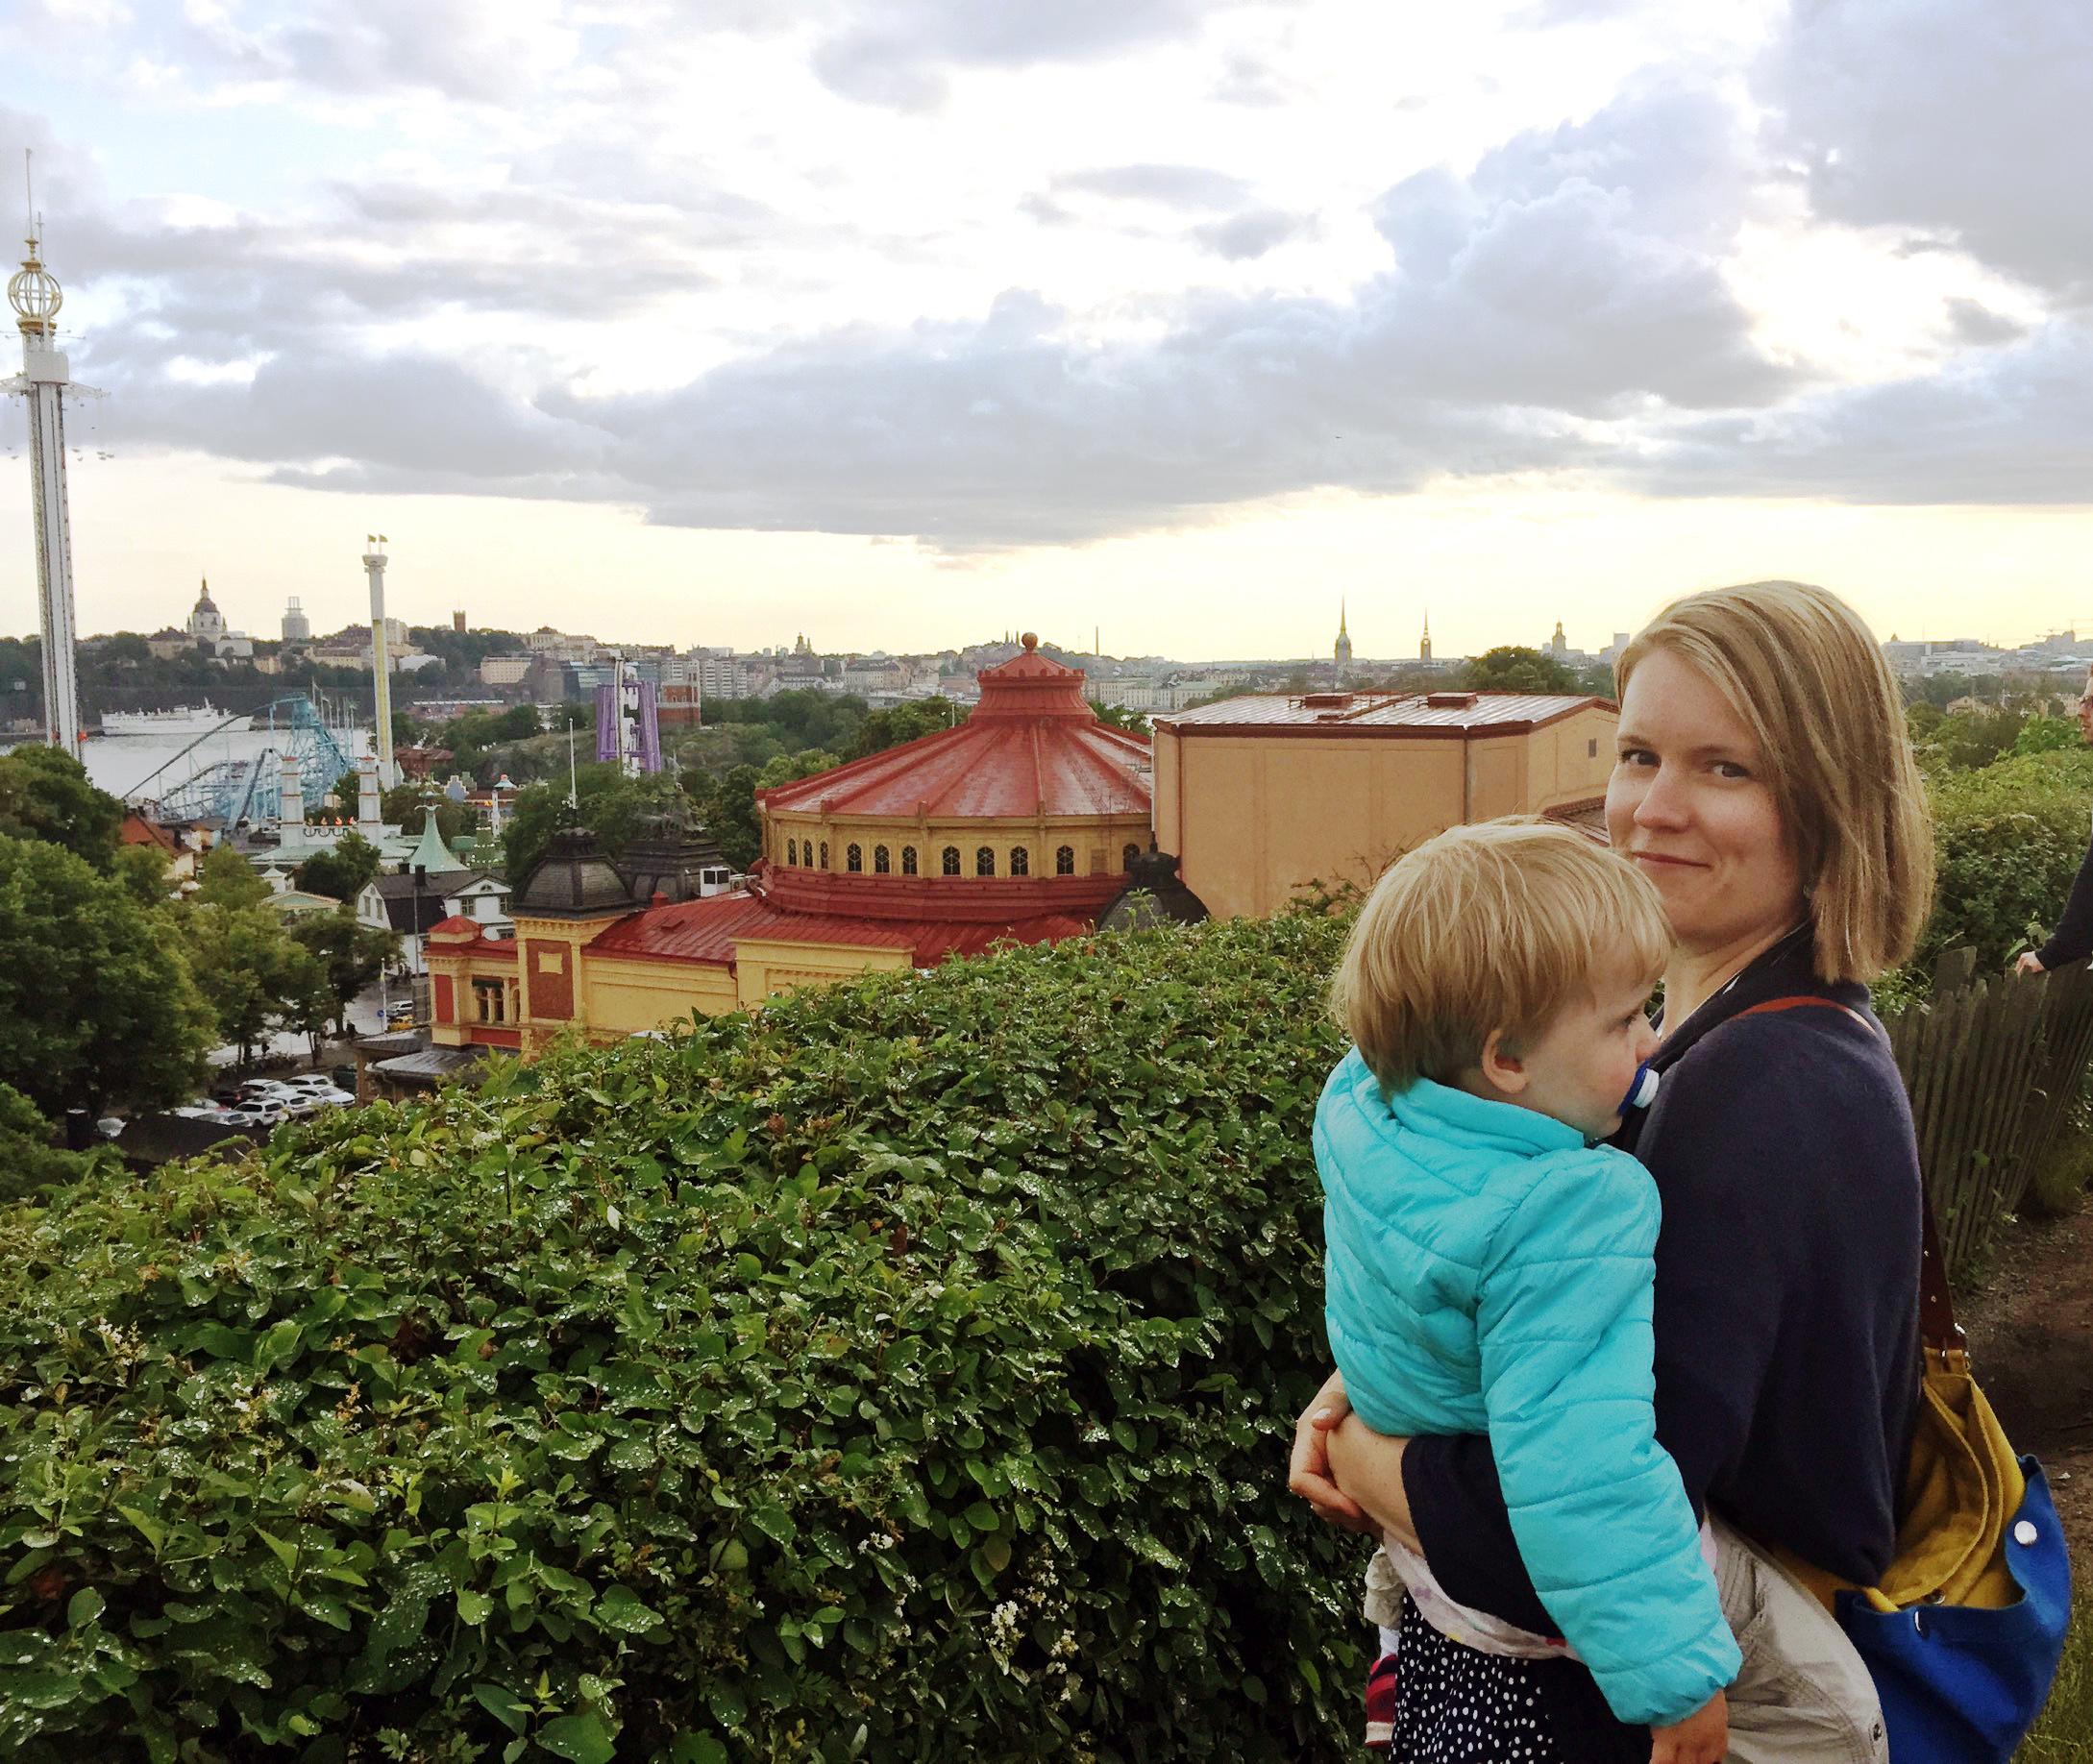 Marianne Sundholm tillbringade två måndader på Svenska Dagbladets redaktion som Kulturfondens språkbadsstipendiat i somras. Hela familjen tillbringade sommaren i Stockholm. Mycket lärorikt, och ett välkommet avbrott i vardagen, tycker Sundholm.